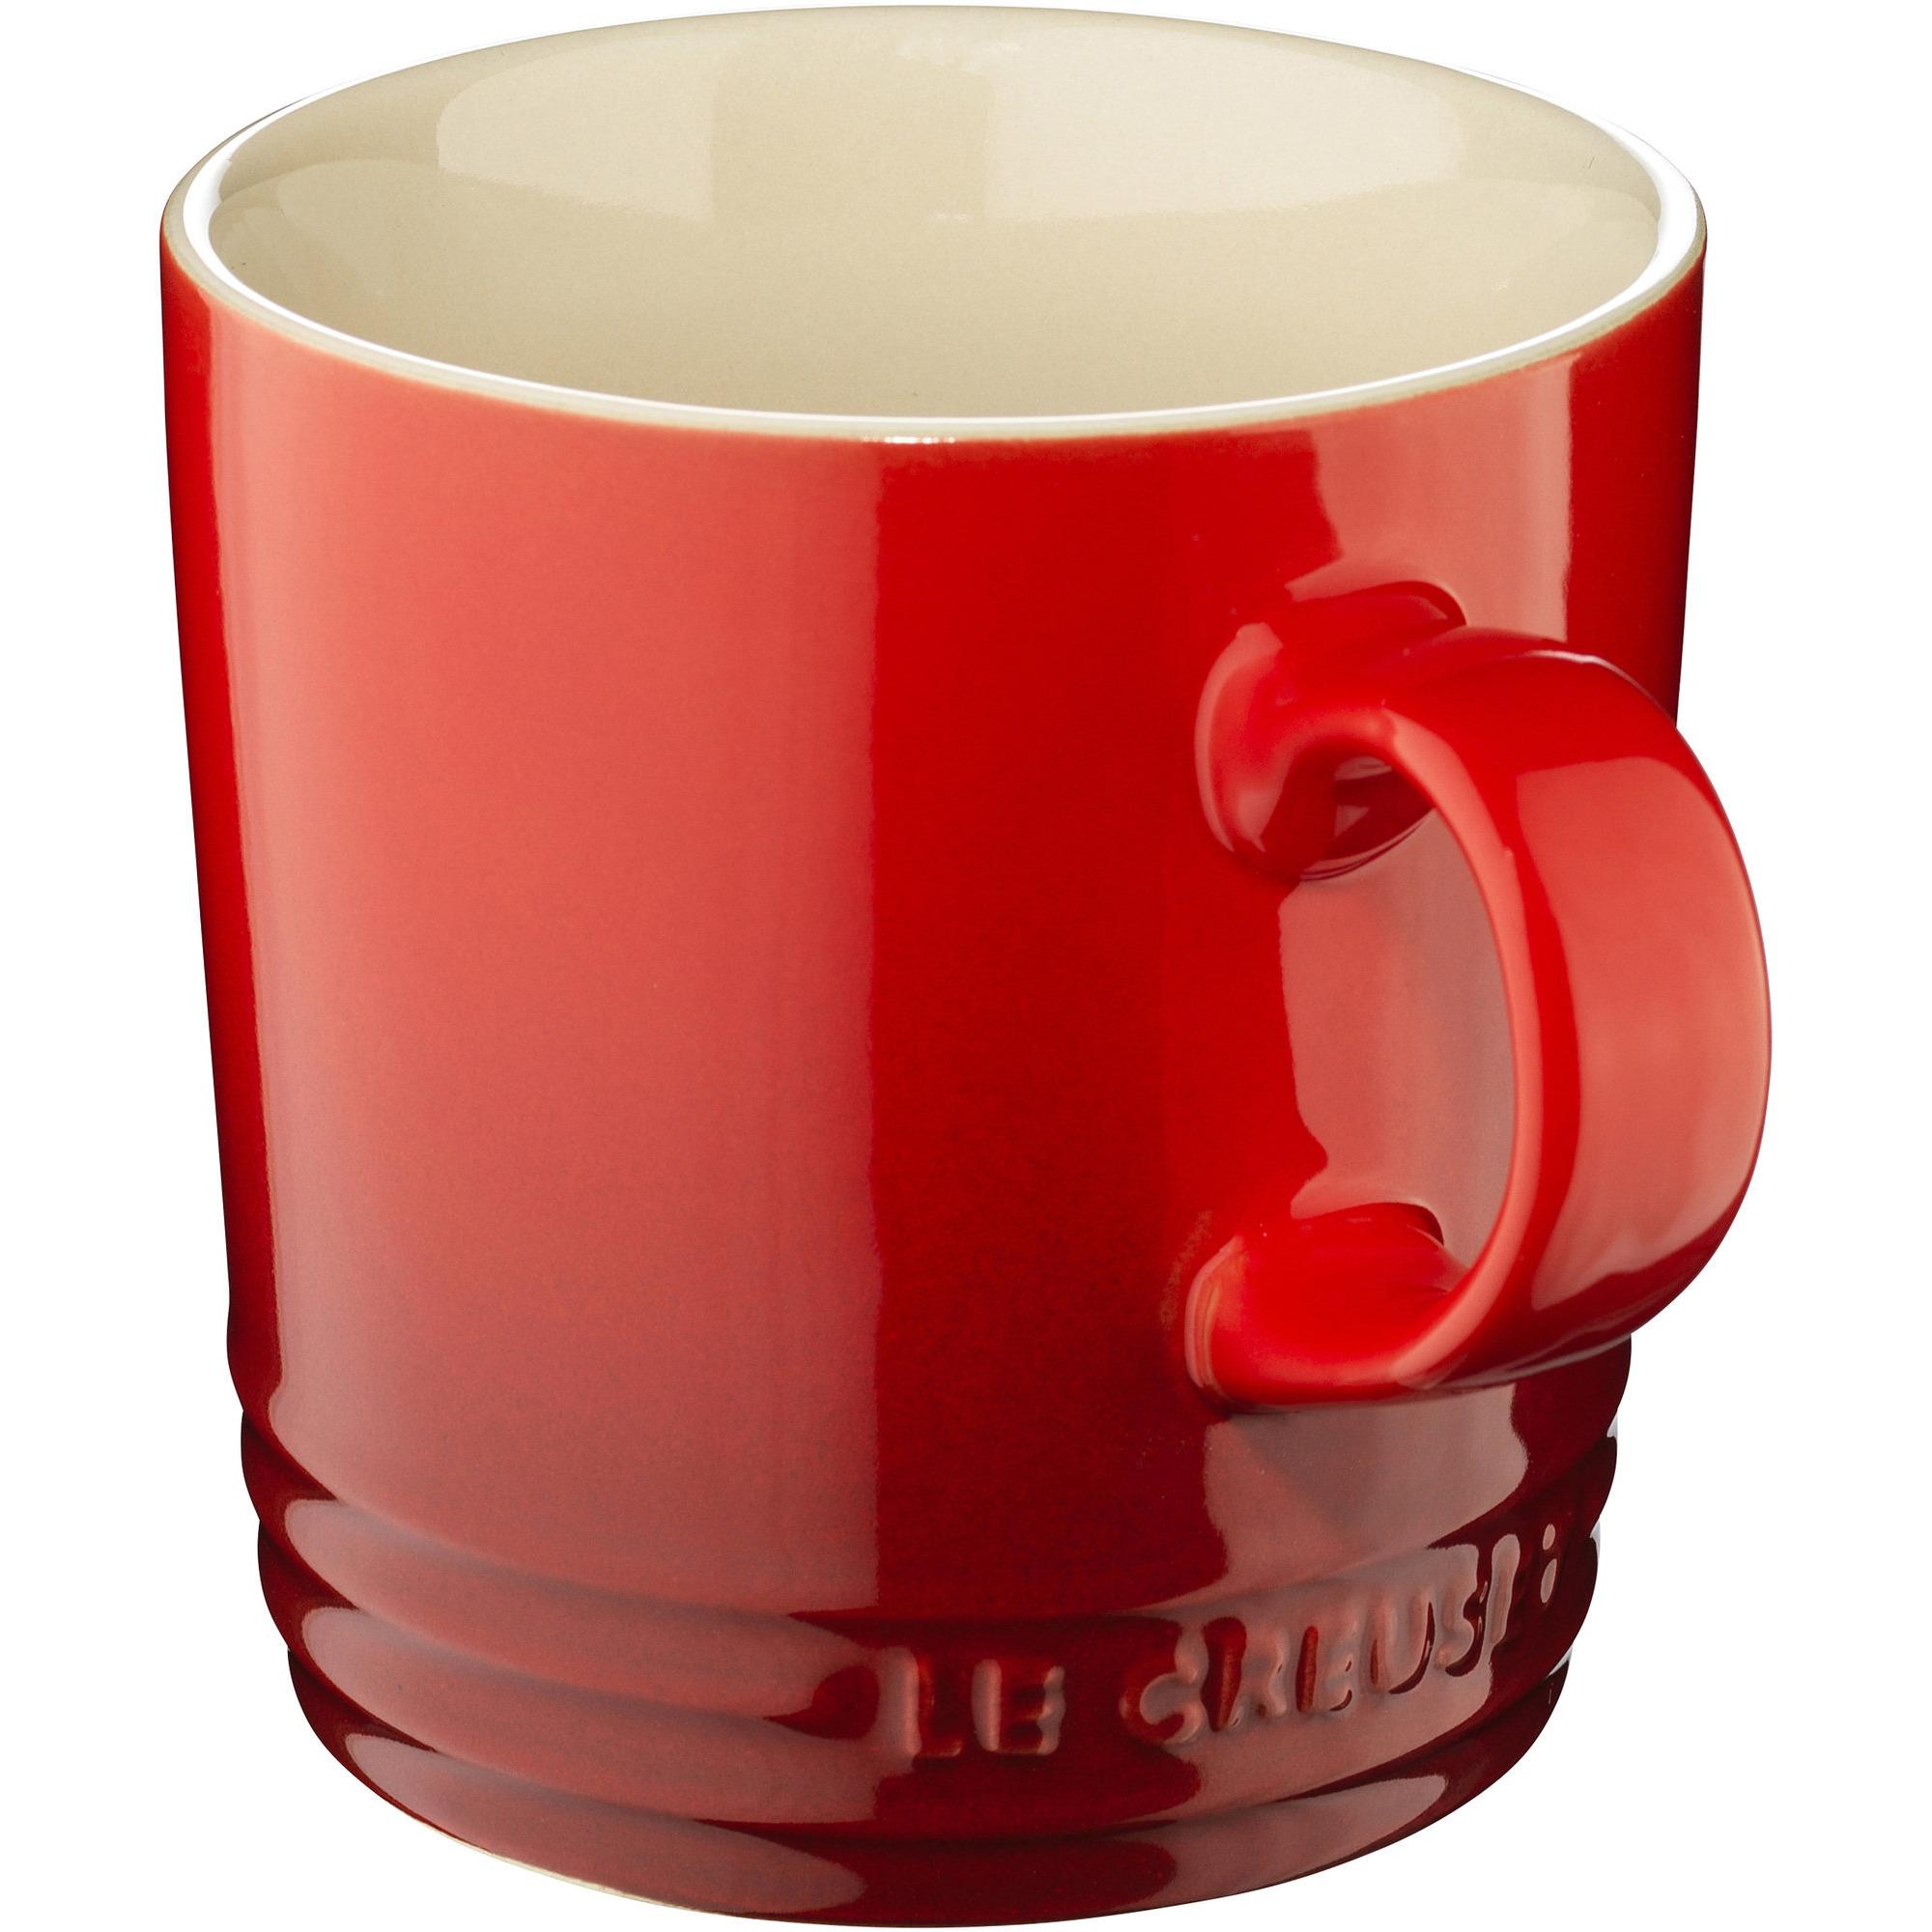 Kaffekrus 350 ml fra Le Creuset » Kaffekrus til en god kop